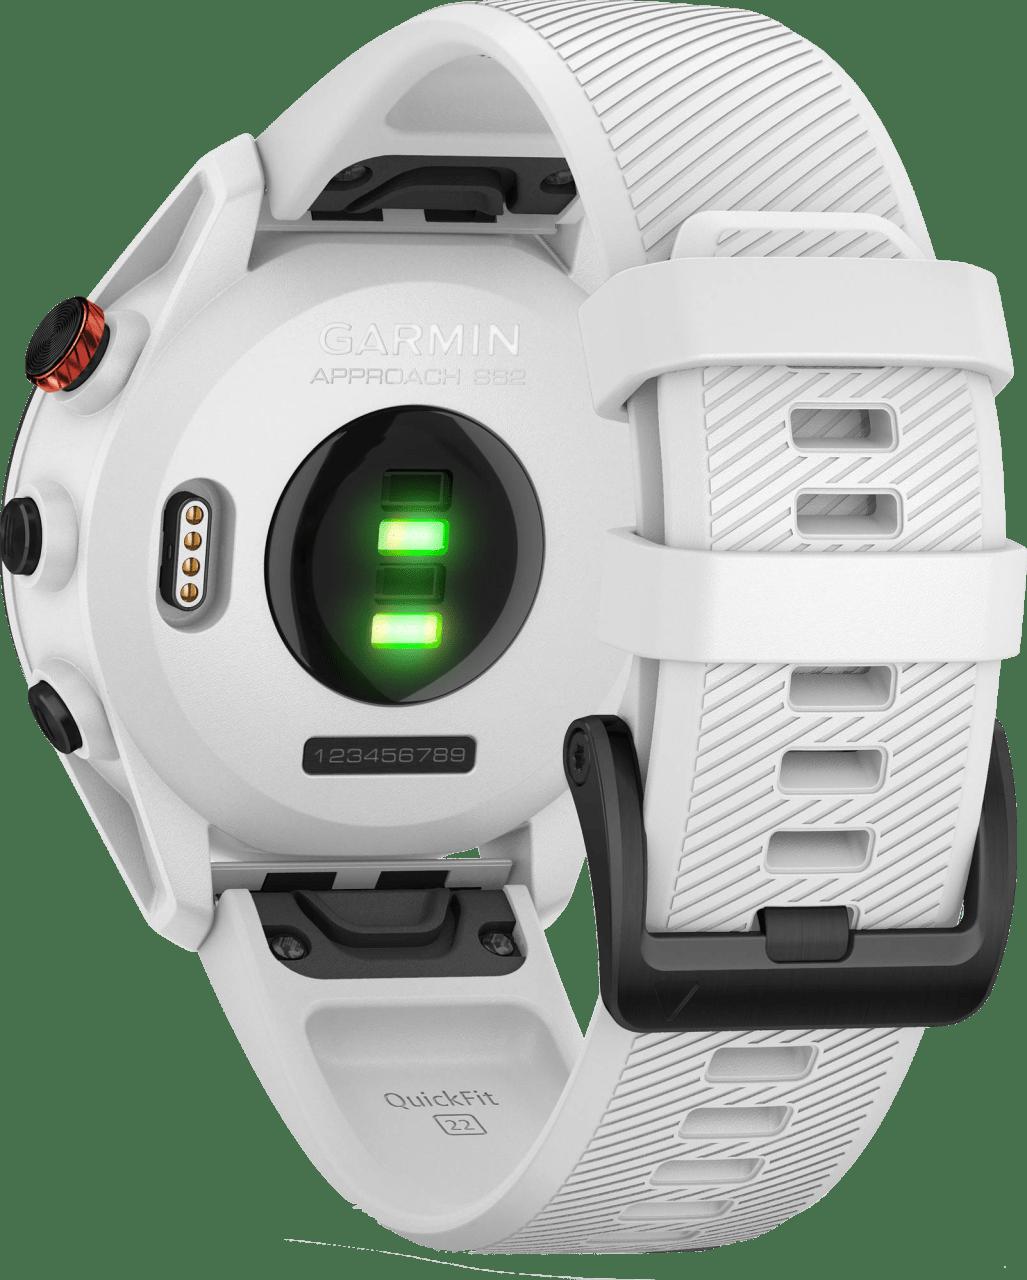 Weiß Garmin Approach® S62 GPS Premium Golf GPS-Uhr.4